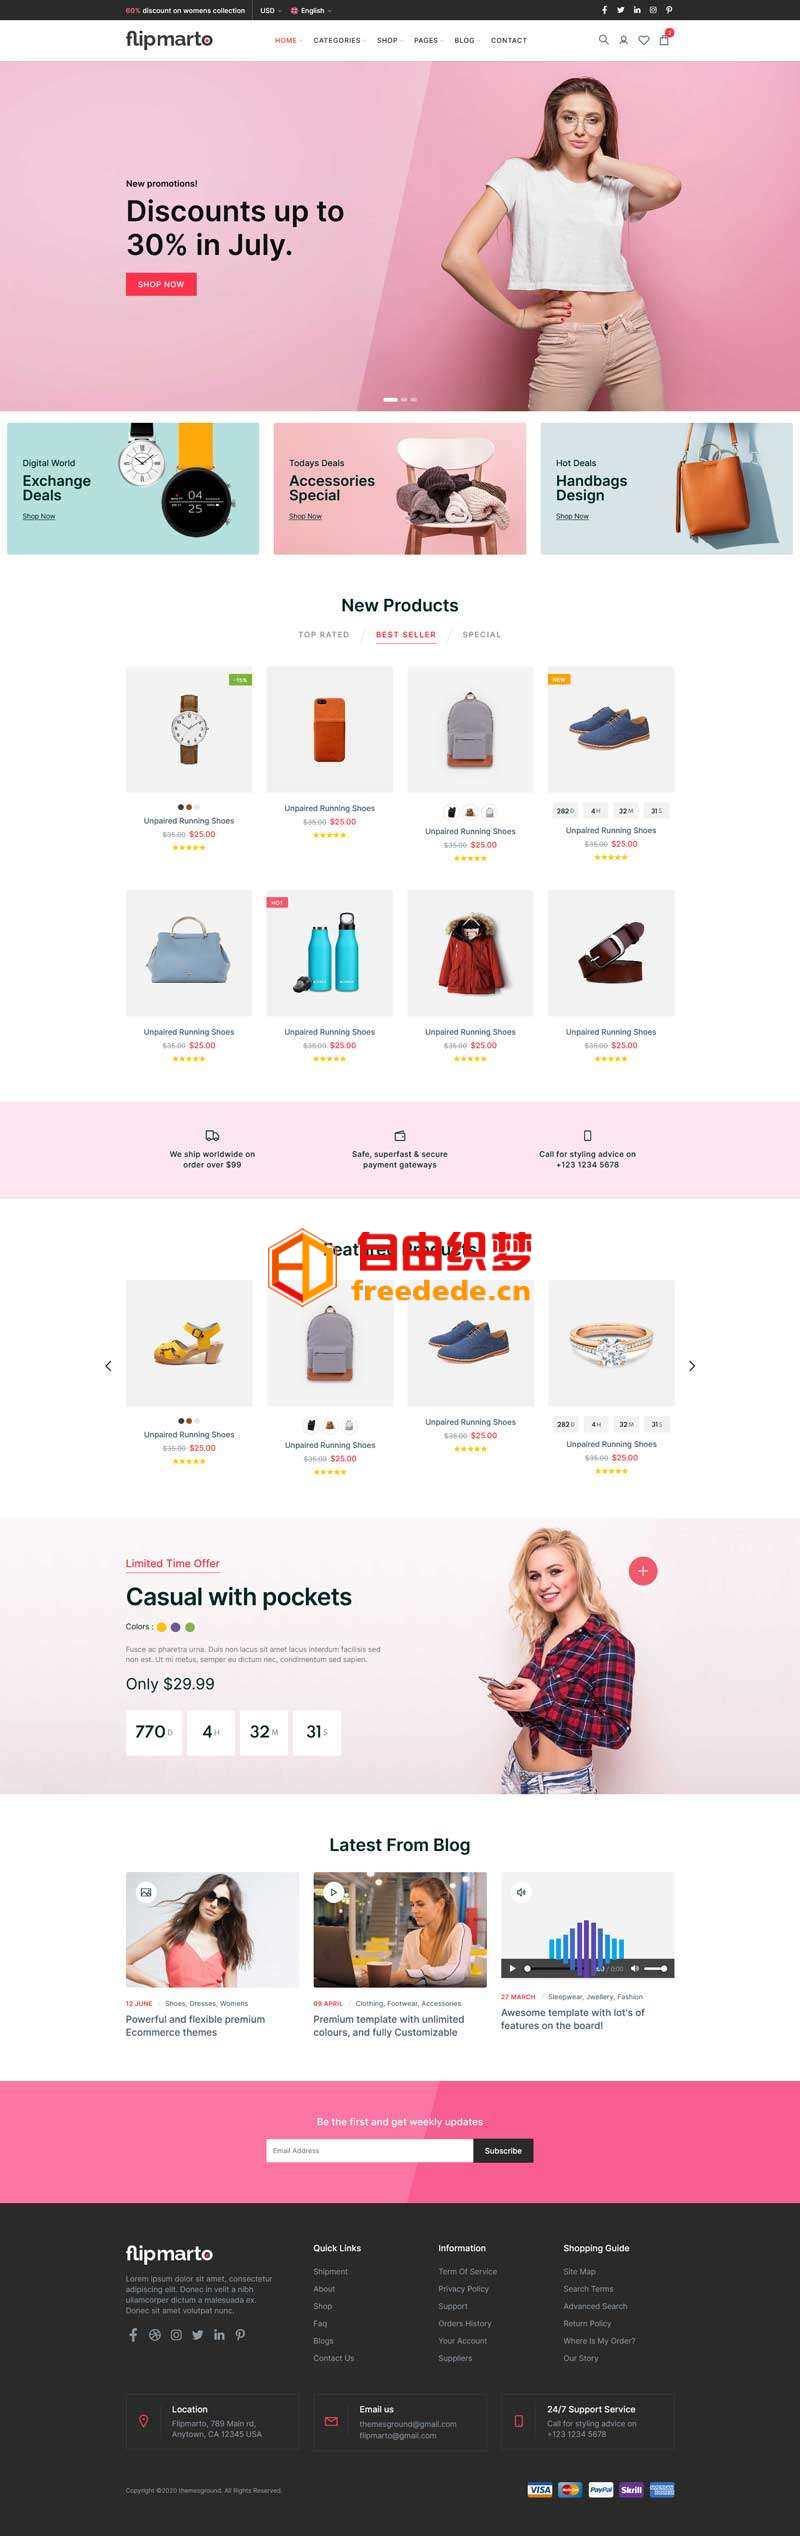 爱上源码网文章多用途的时尚购物商城bootstrap模板的内容插图